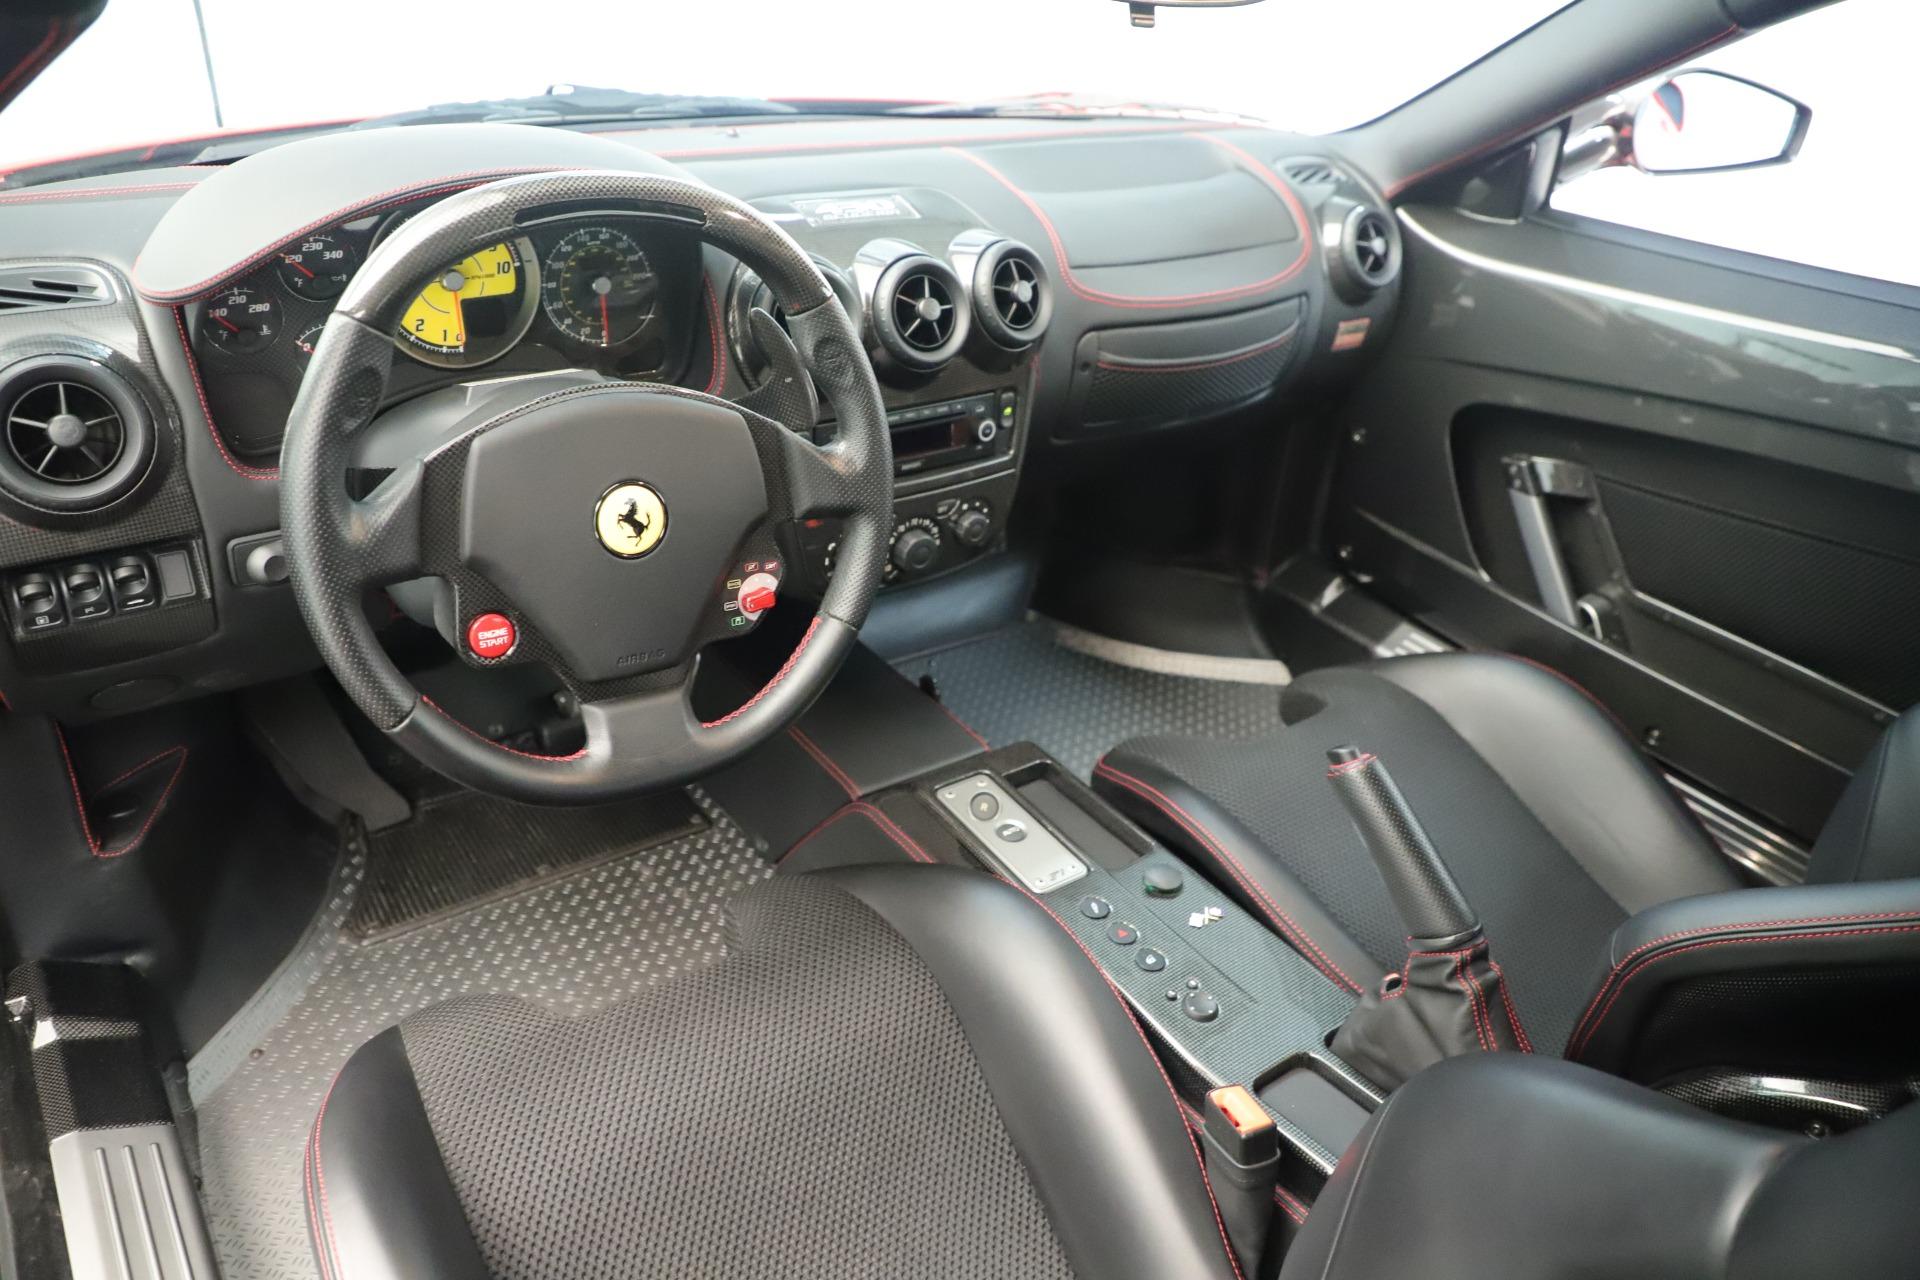 Used 2008 Ferrari F430 Scuderia For Sale In Greenwich, CT 3381_p14